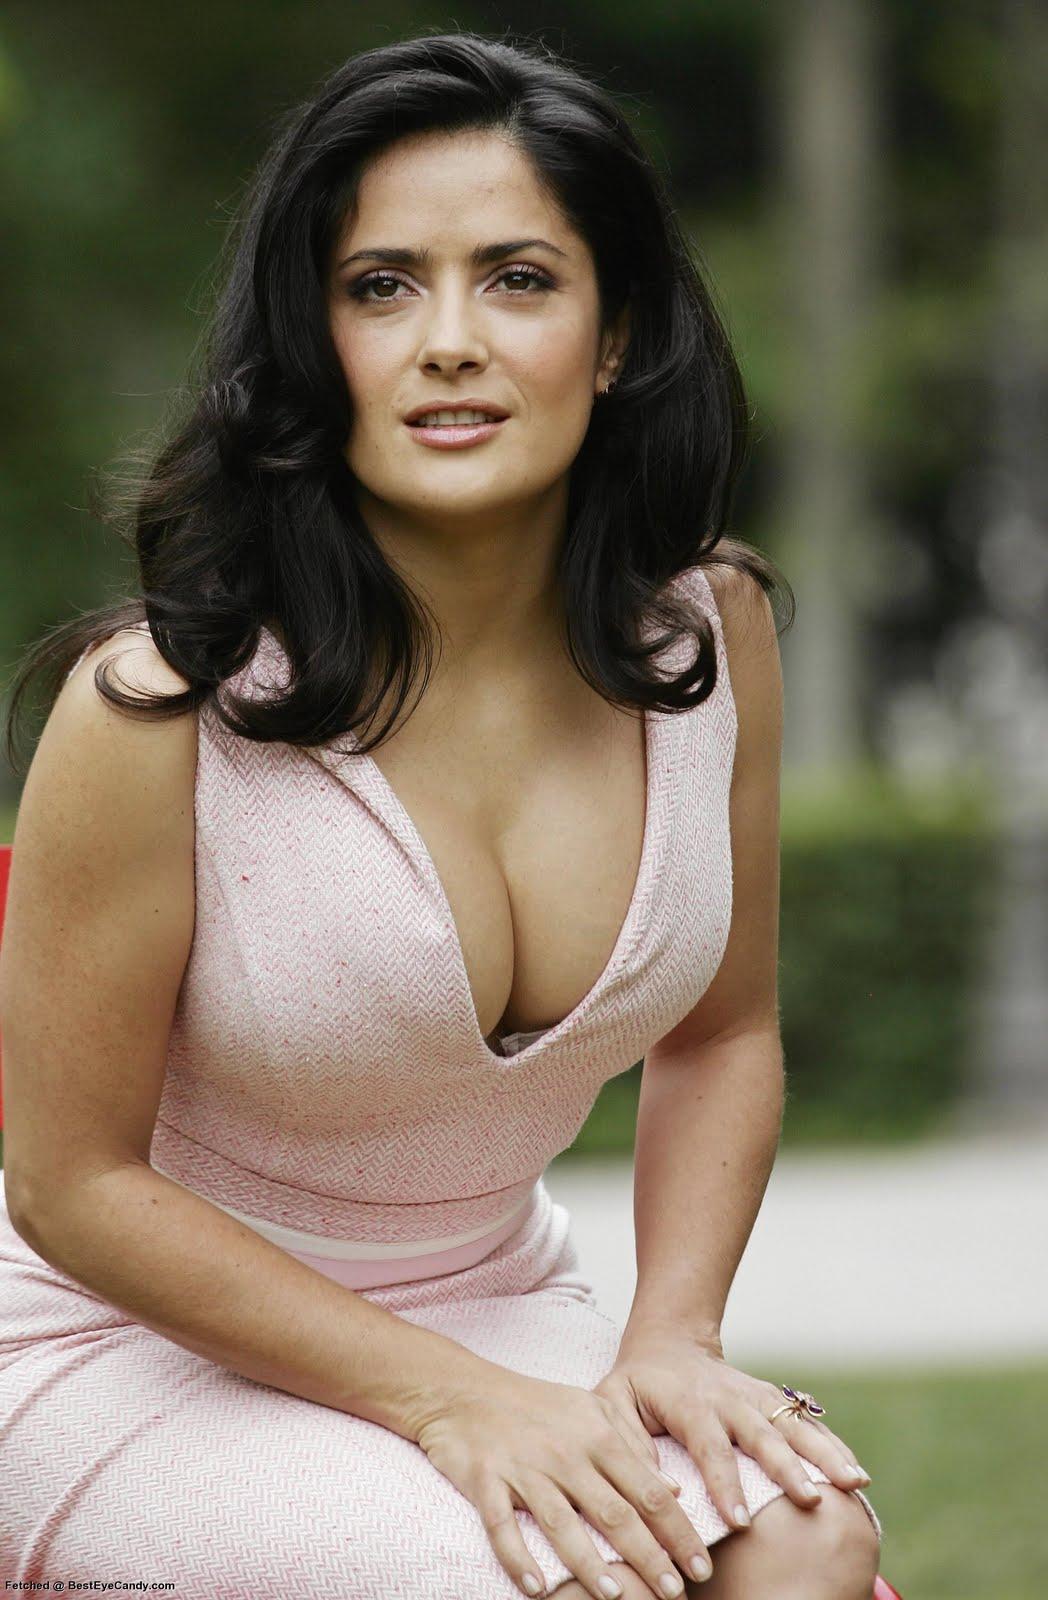 http://3.bp.blogspot.com/_dNqr7GAPDV0/TE1RbziIvrI/AAAAAAAABC8/Mn4TCJi9SCg/s1600/Salma_Hayek_Sitting.jpg